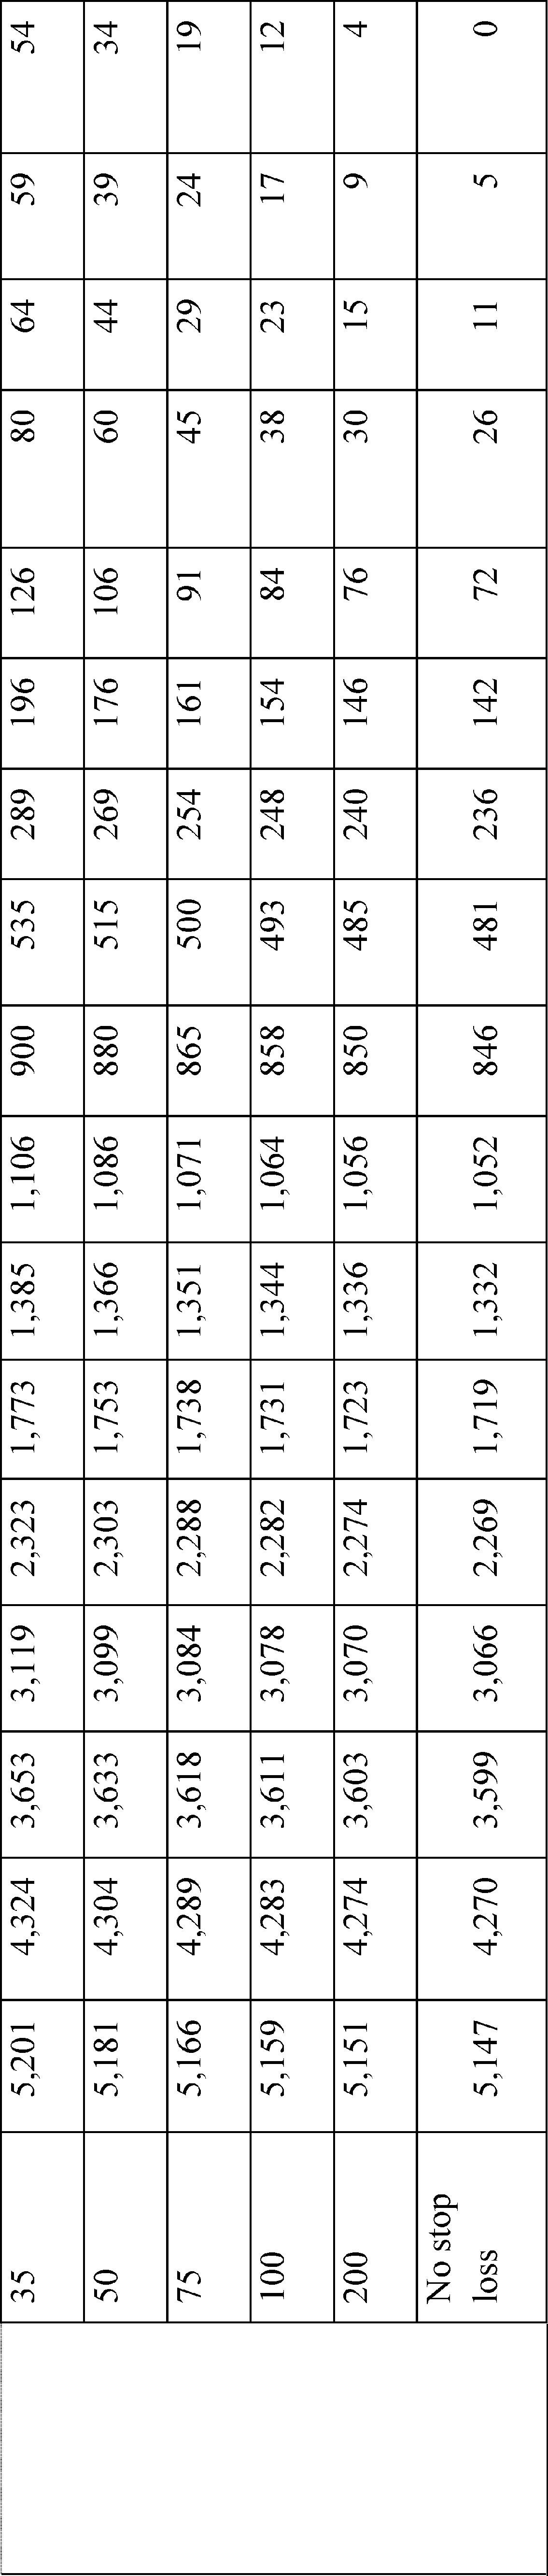 March 1 2019 Calendar Más Recientes Federal Register Medicare Program Contract Year 2019 Policy and Of March 1 2019 Calendar Mejores Y Más Novedosos Romantyczny Kwiatowy Kalendarz Marca 2019 Ptakiem — Zdjęcie Stockowe